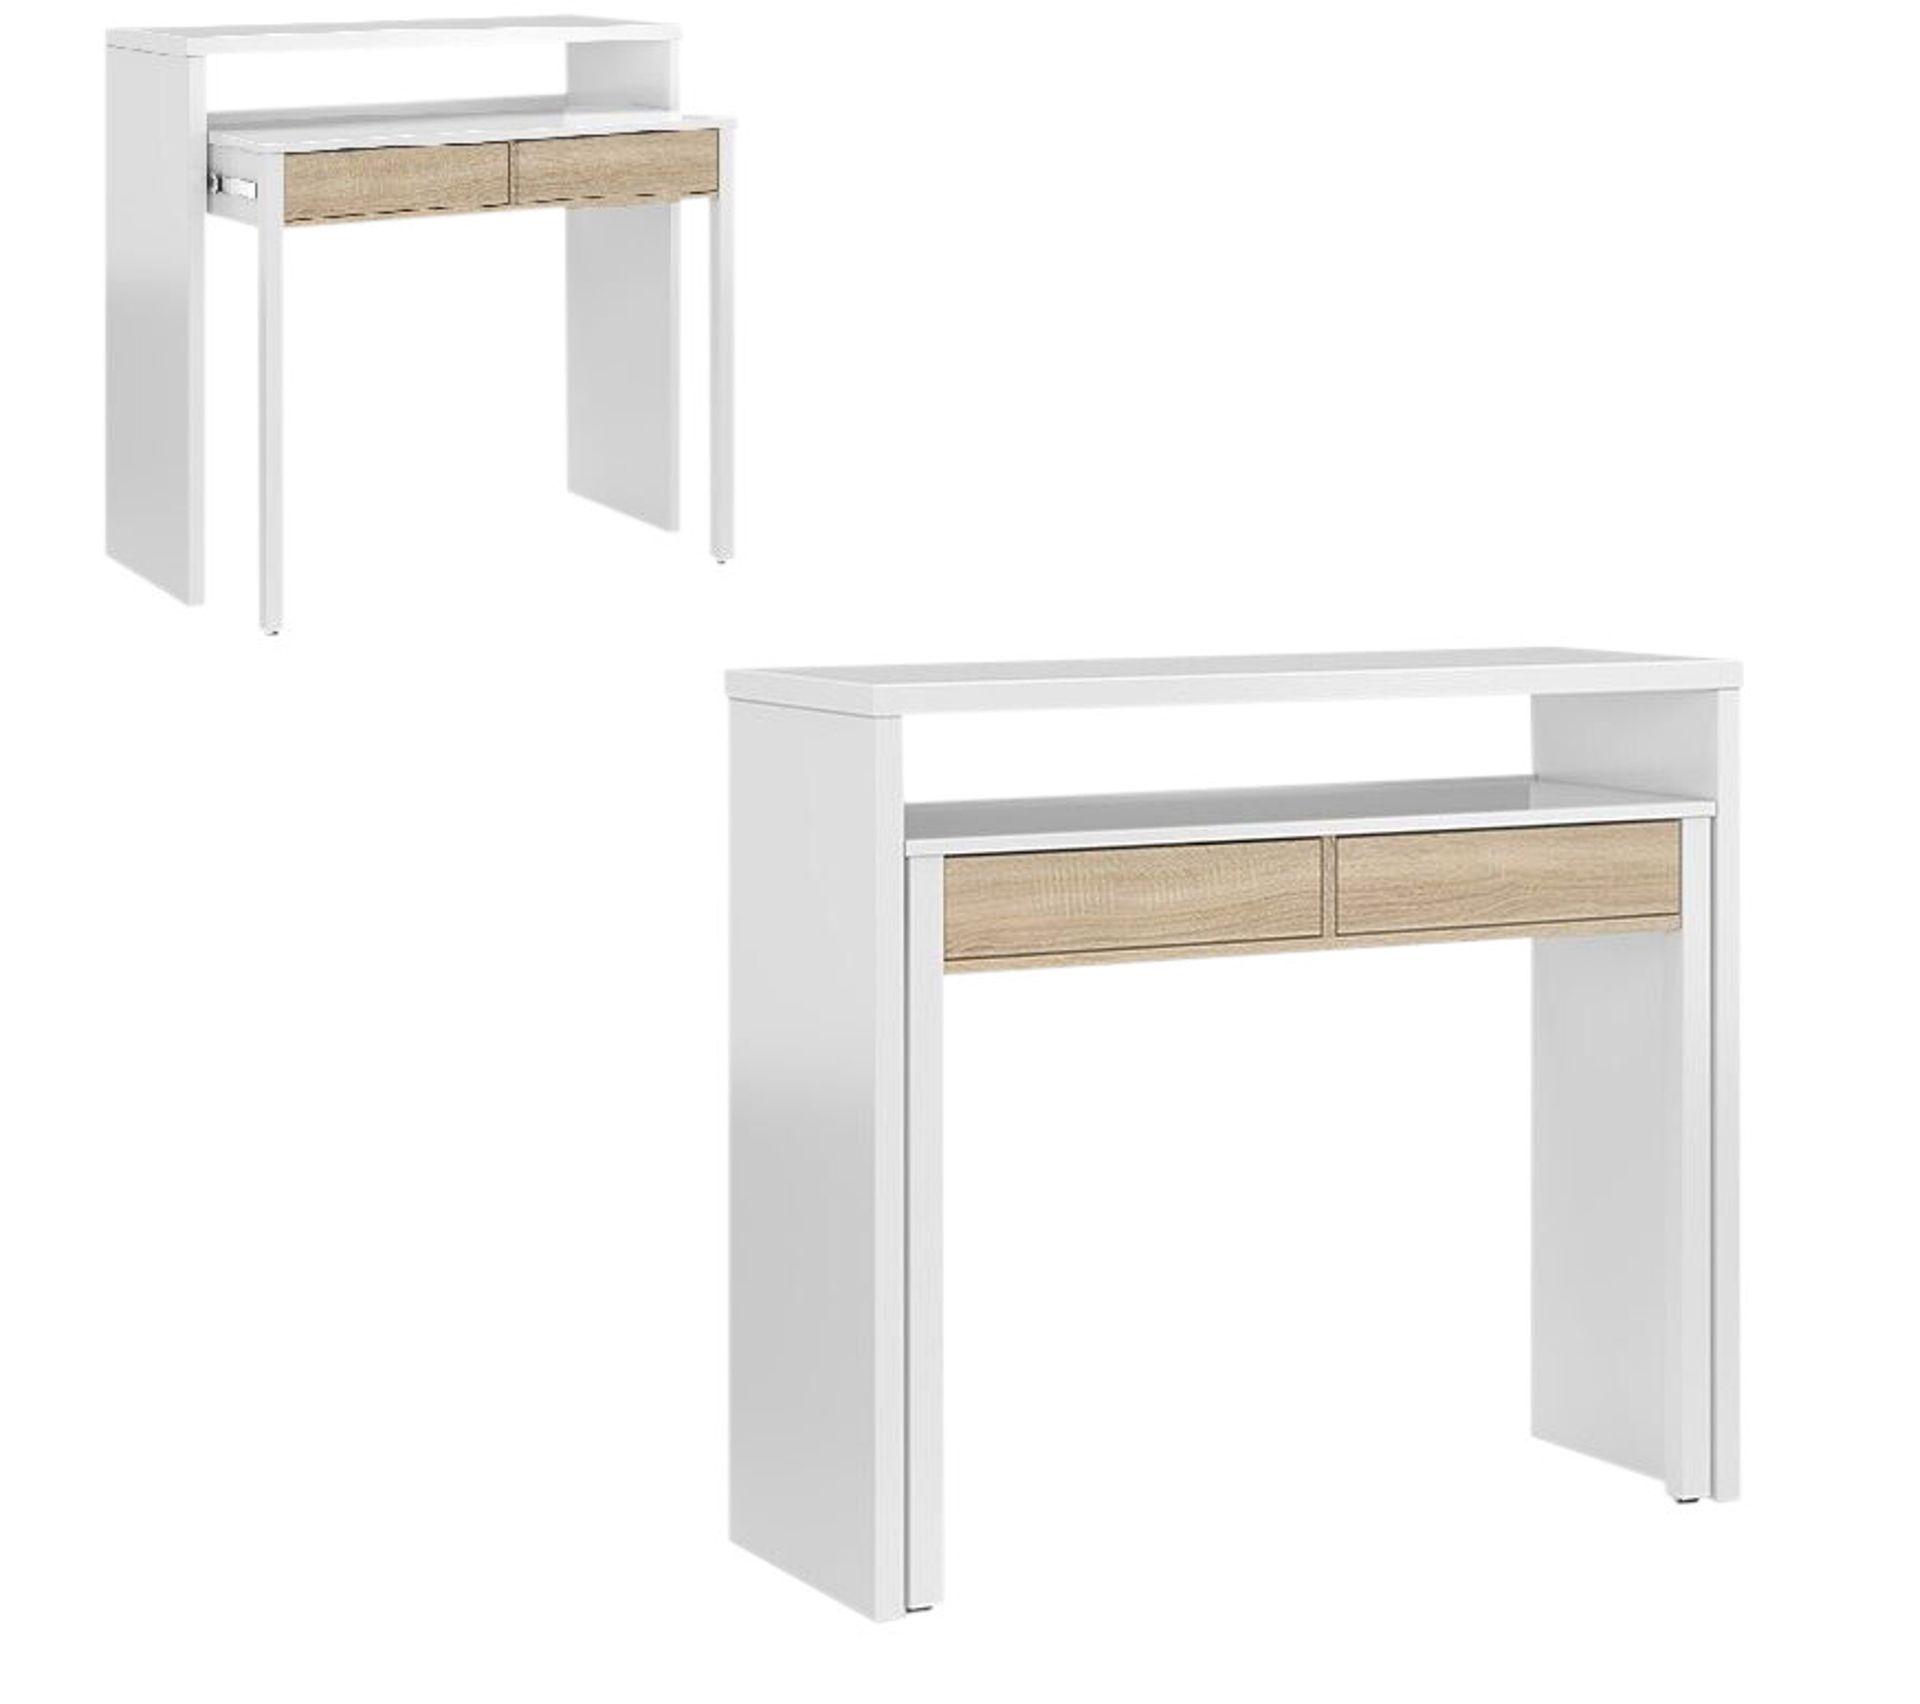 2 En 1 Console Bureau Pure Blanc Et Imitation Chene Table Console But